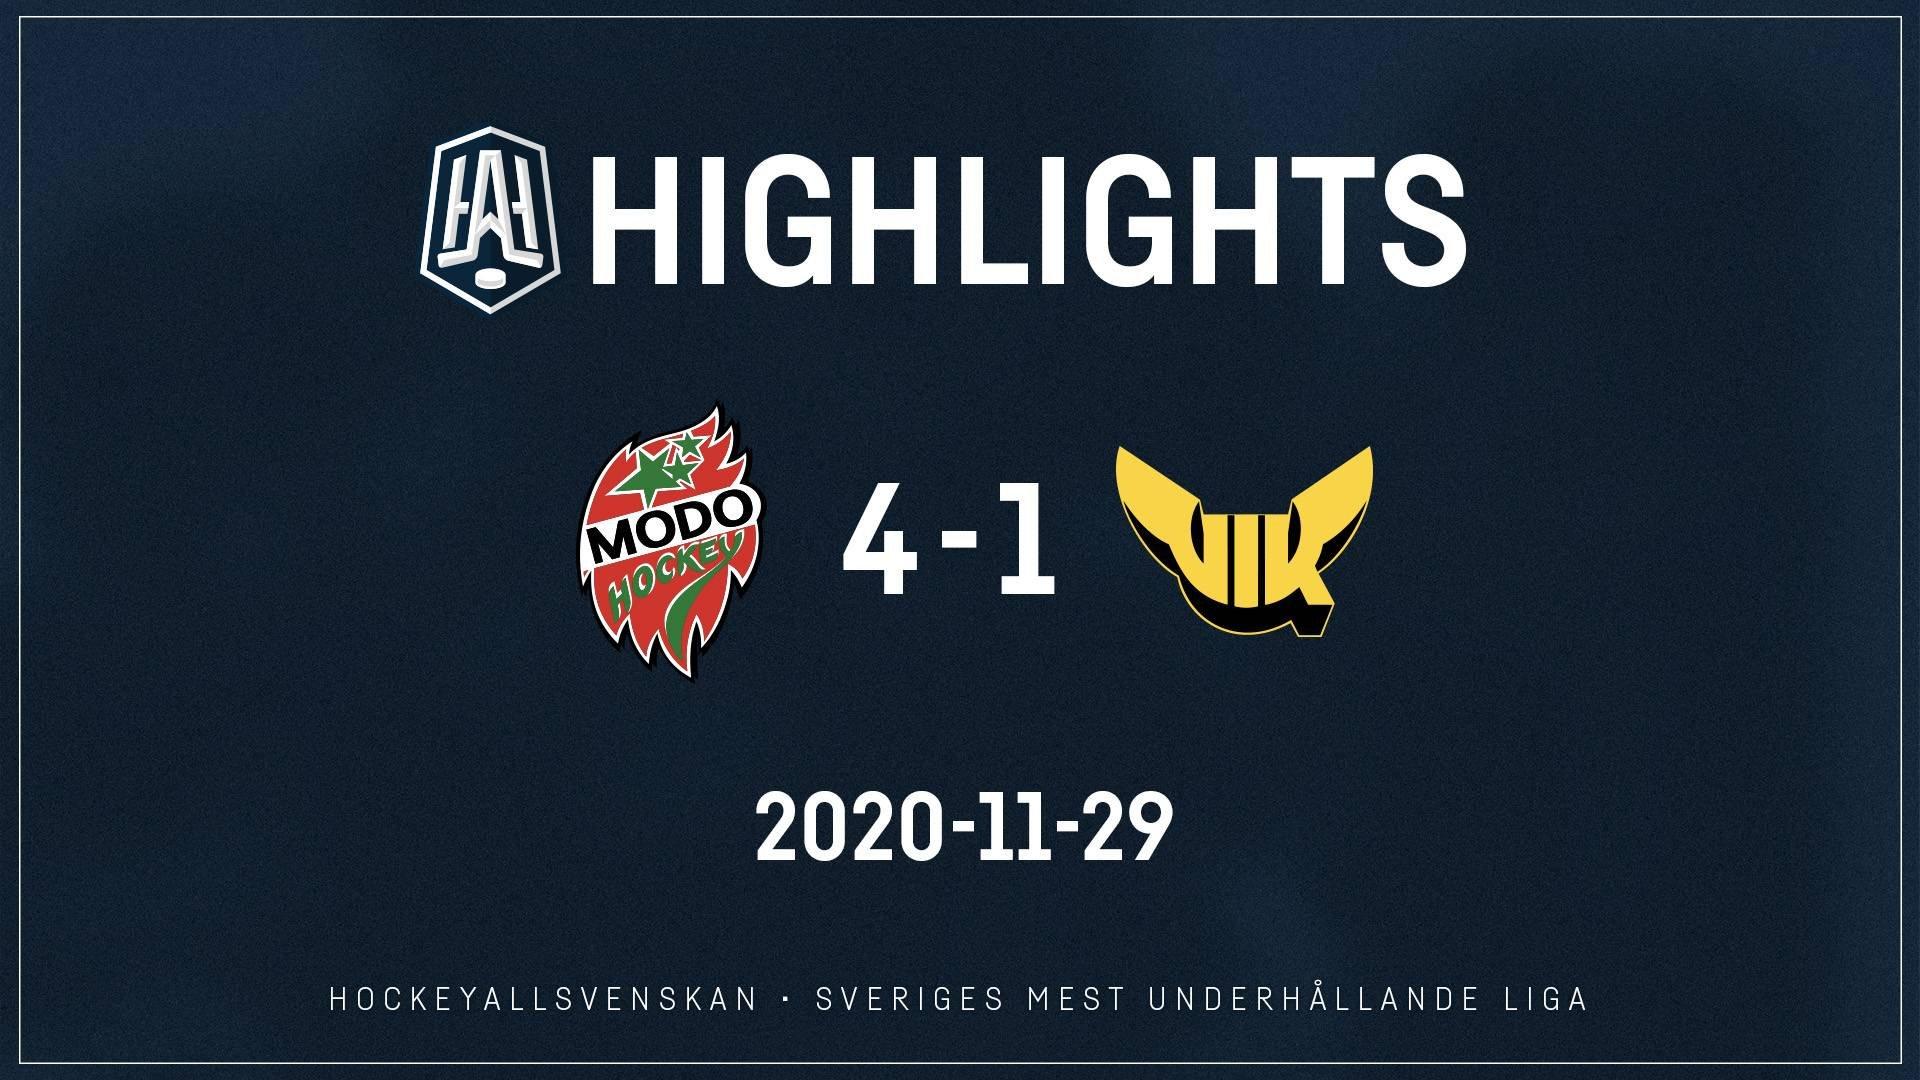 2020-11-29 MODO - Västerås 4-1